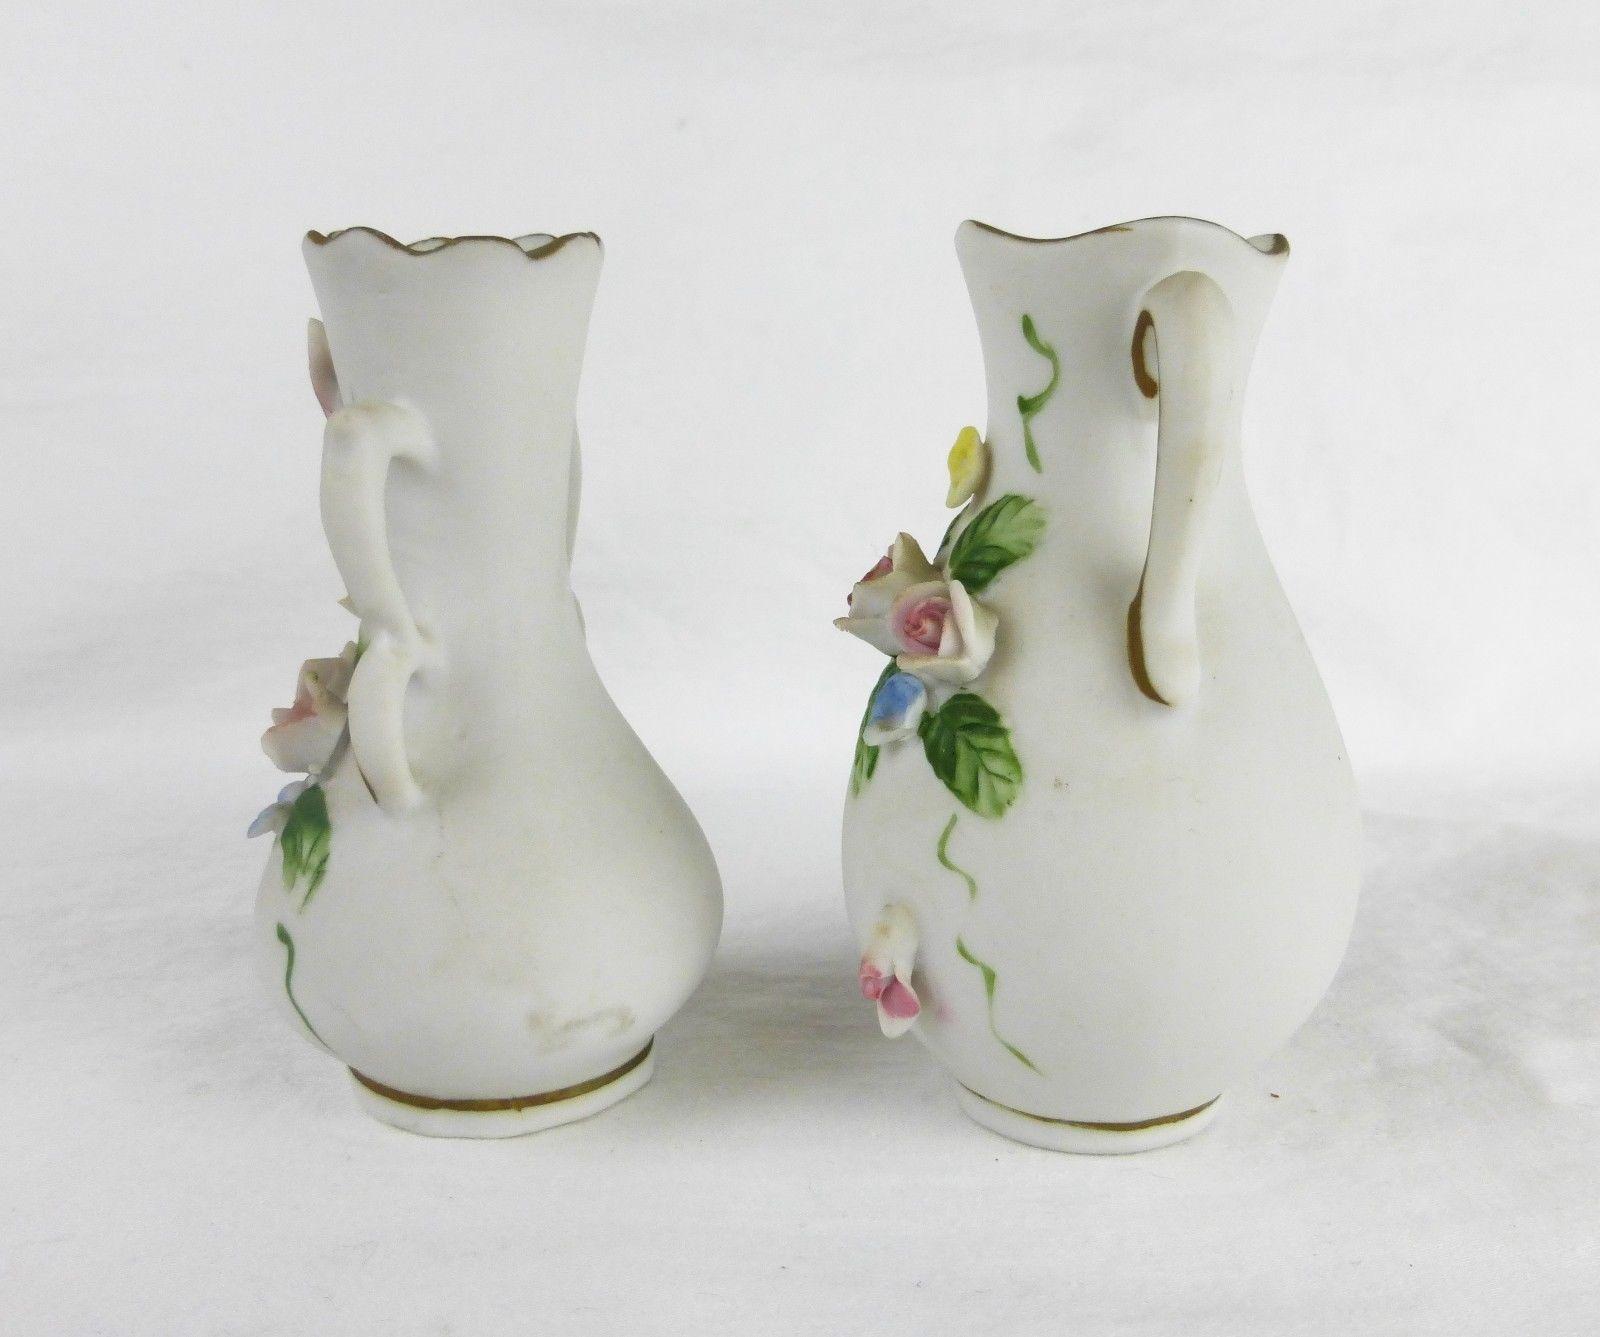 Vintage Lefton China bud vase hand painted porcelain home decor Japan set of 2